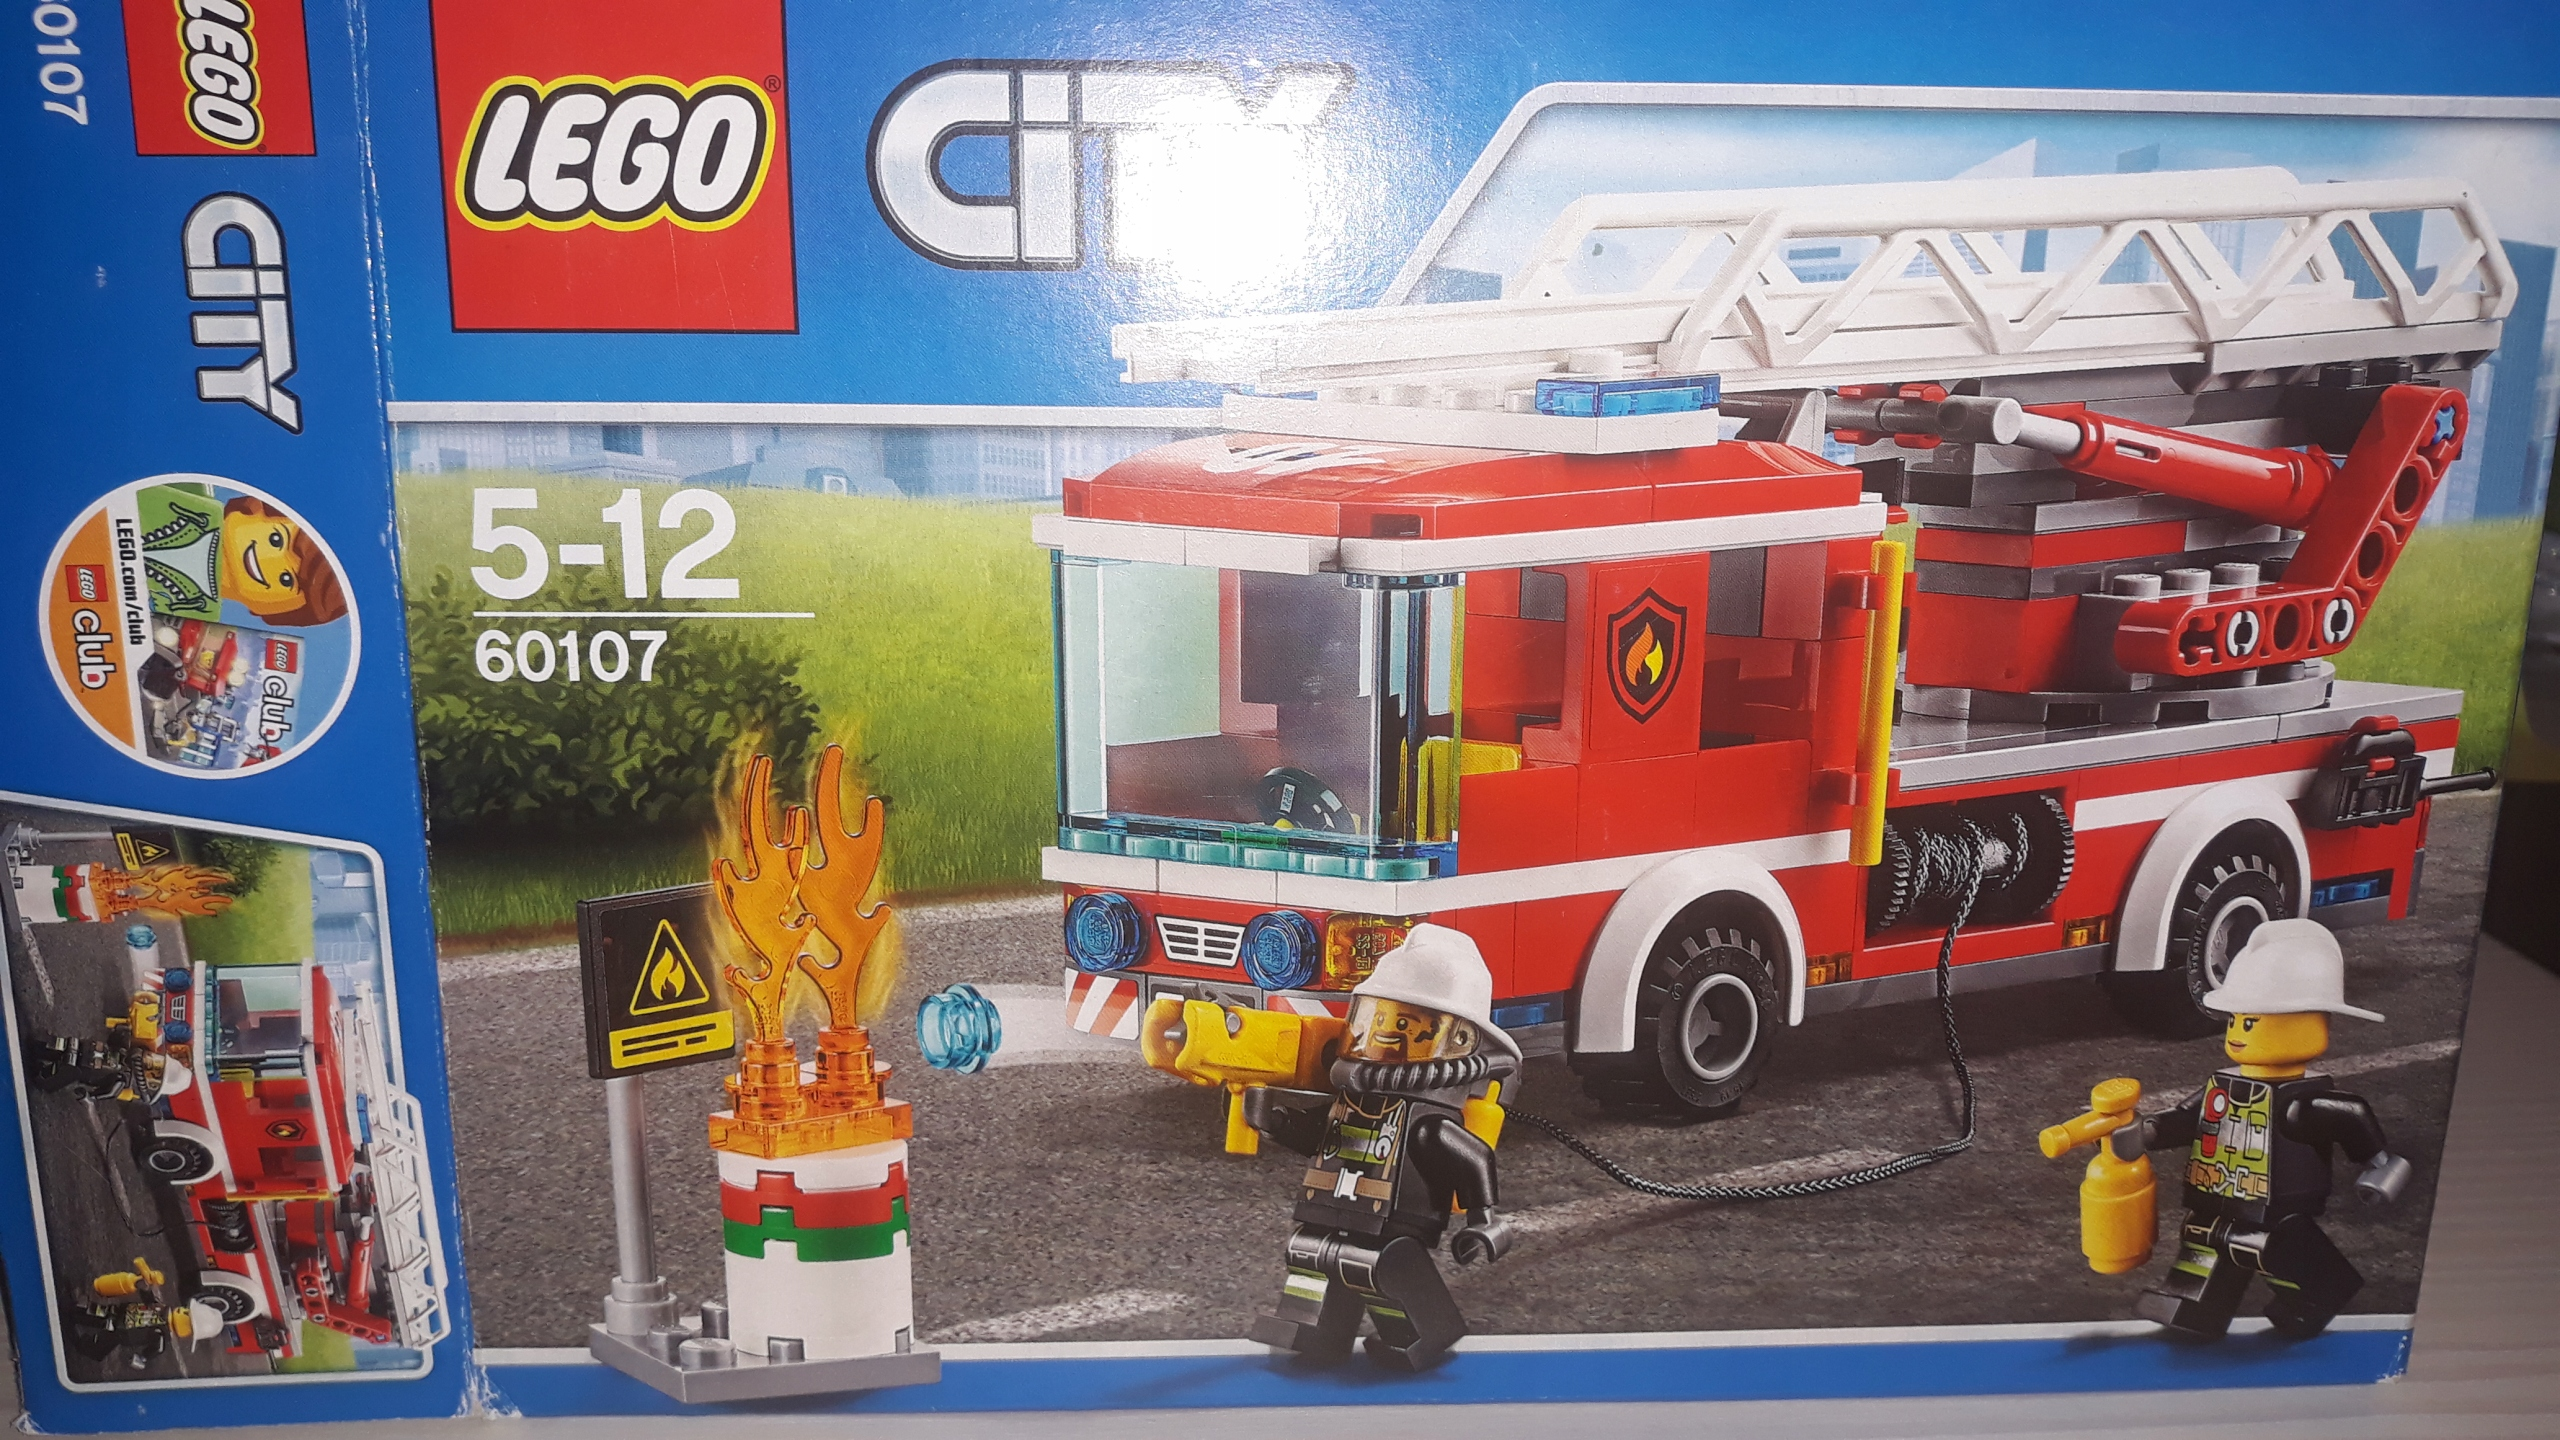 Lego City Straż Pożarna 5 12 Lat 60107 7683177264 Oficjalne